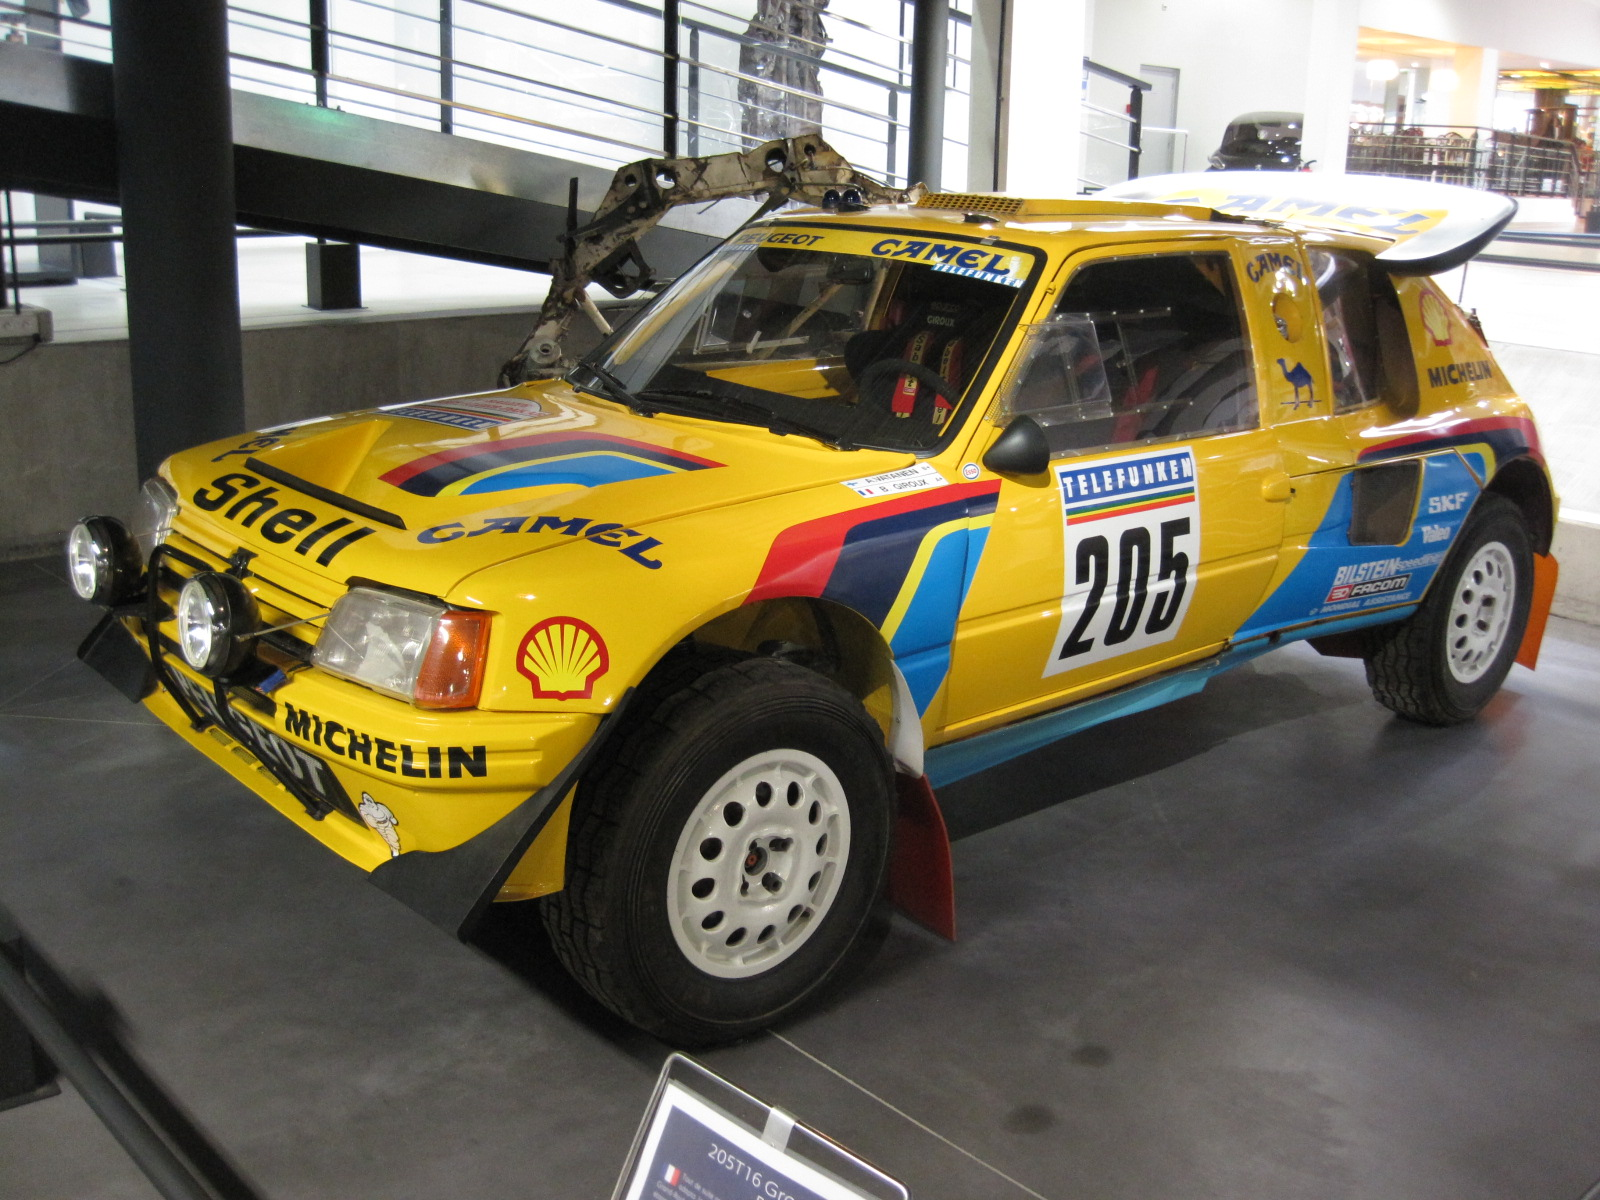 Peugeot_205_Turbo_16_Dakar